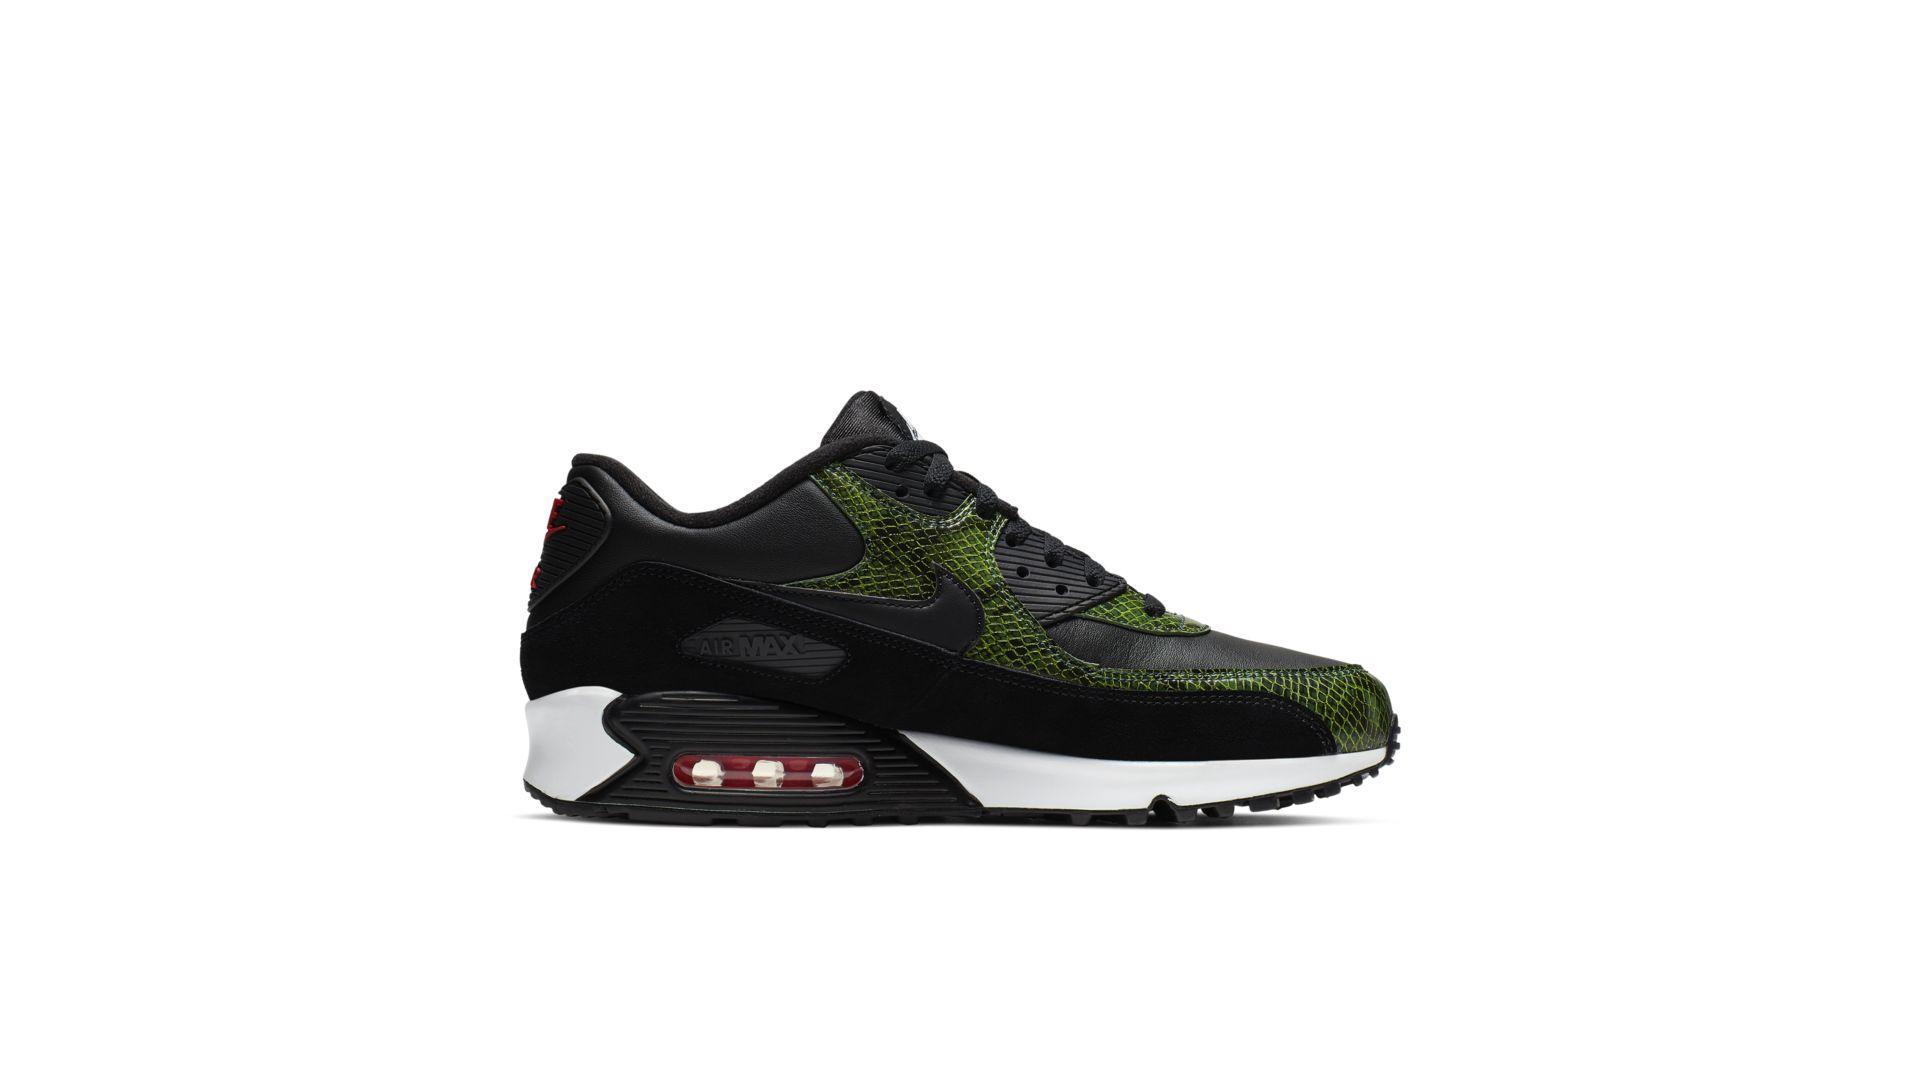 Nike Air Max 90 QS 'Green Python' (CD0916 001)